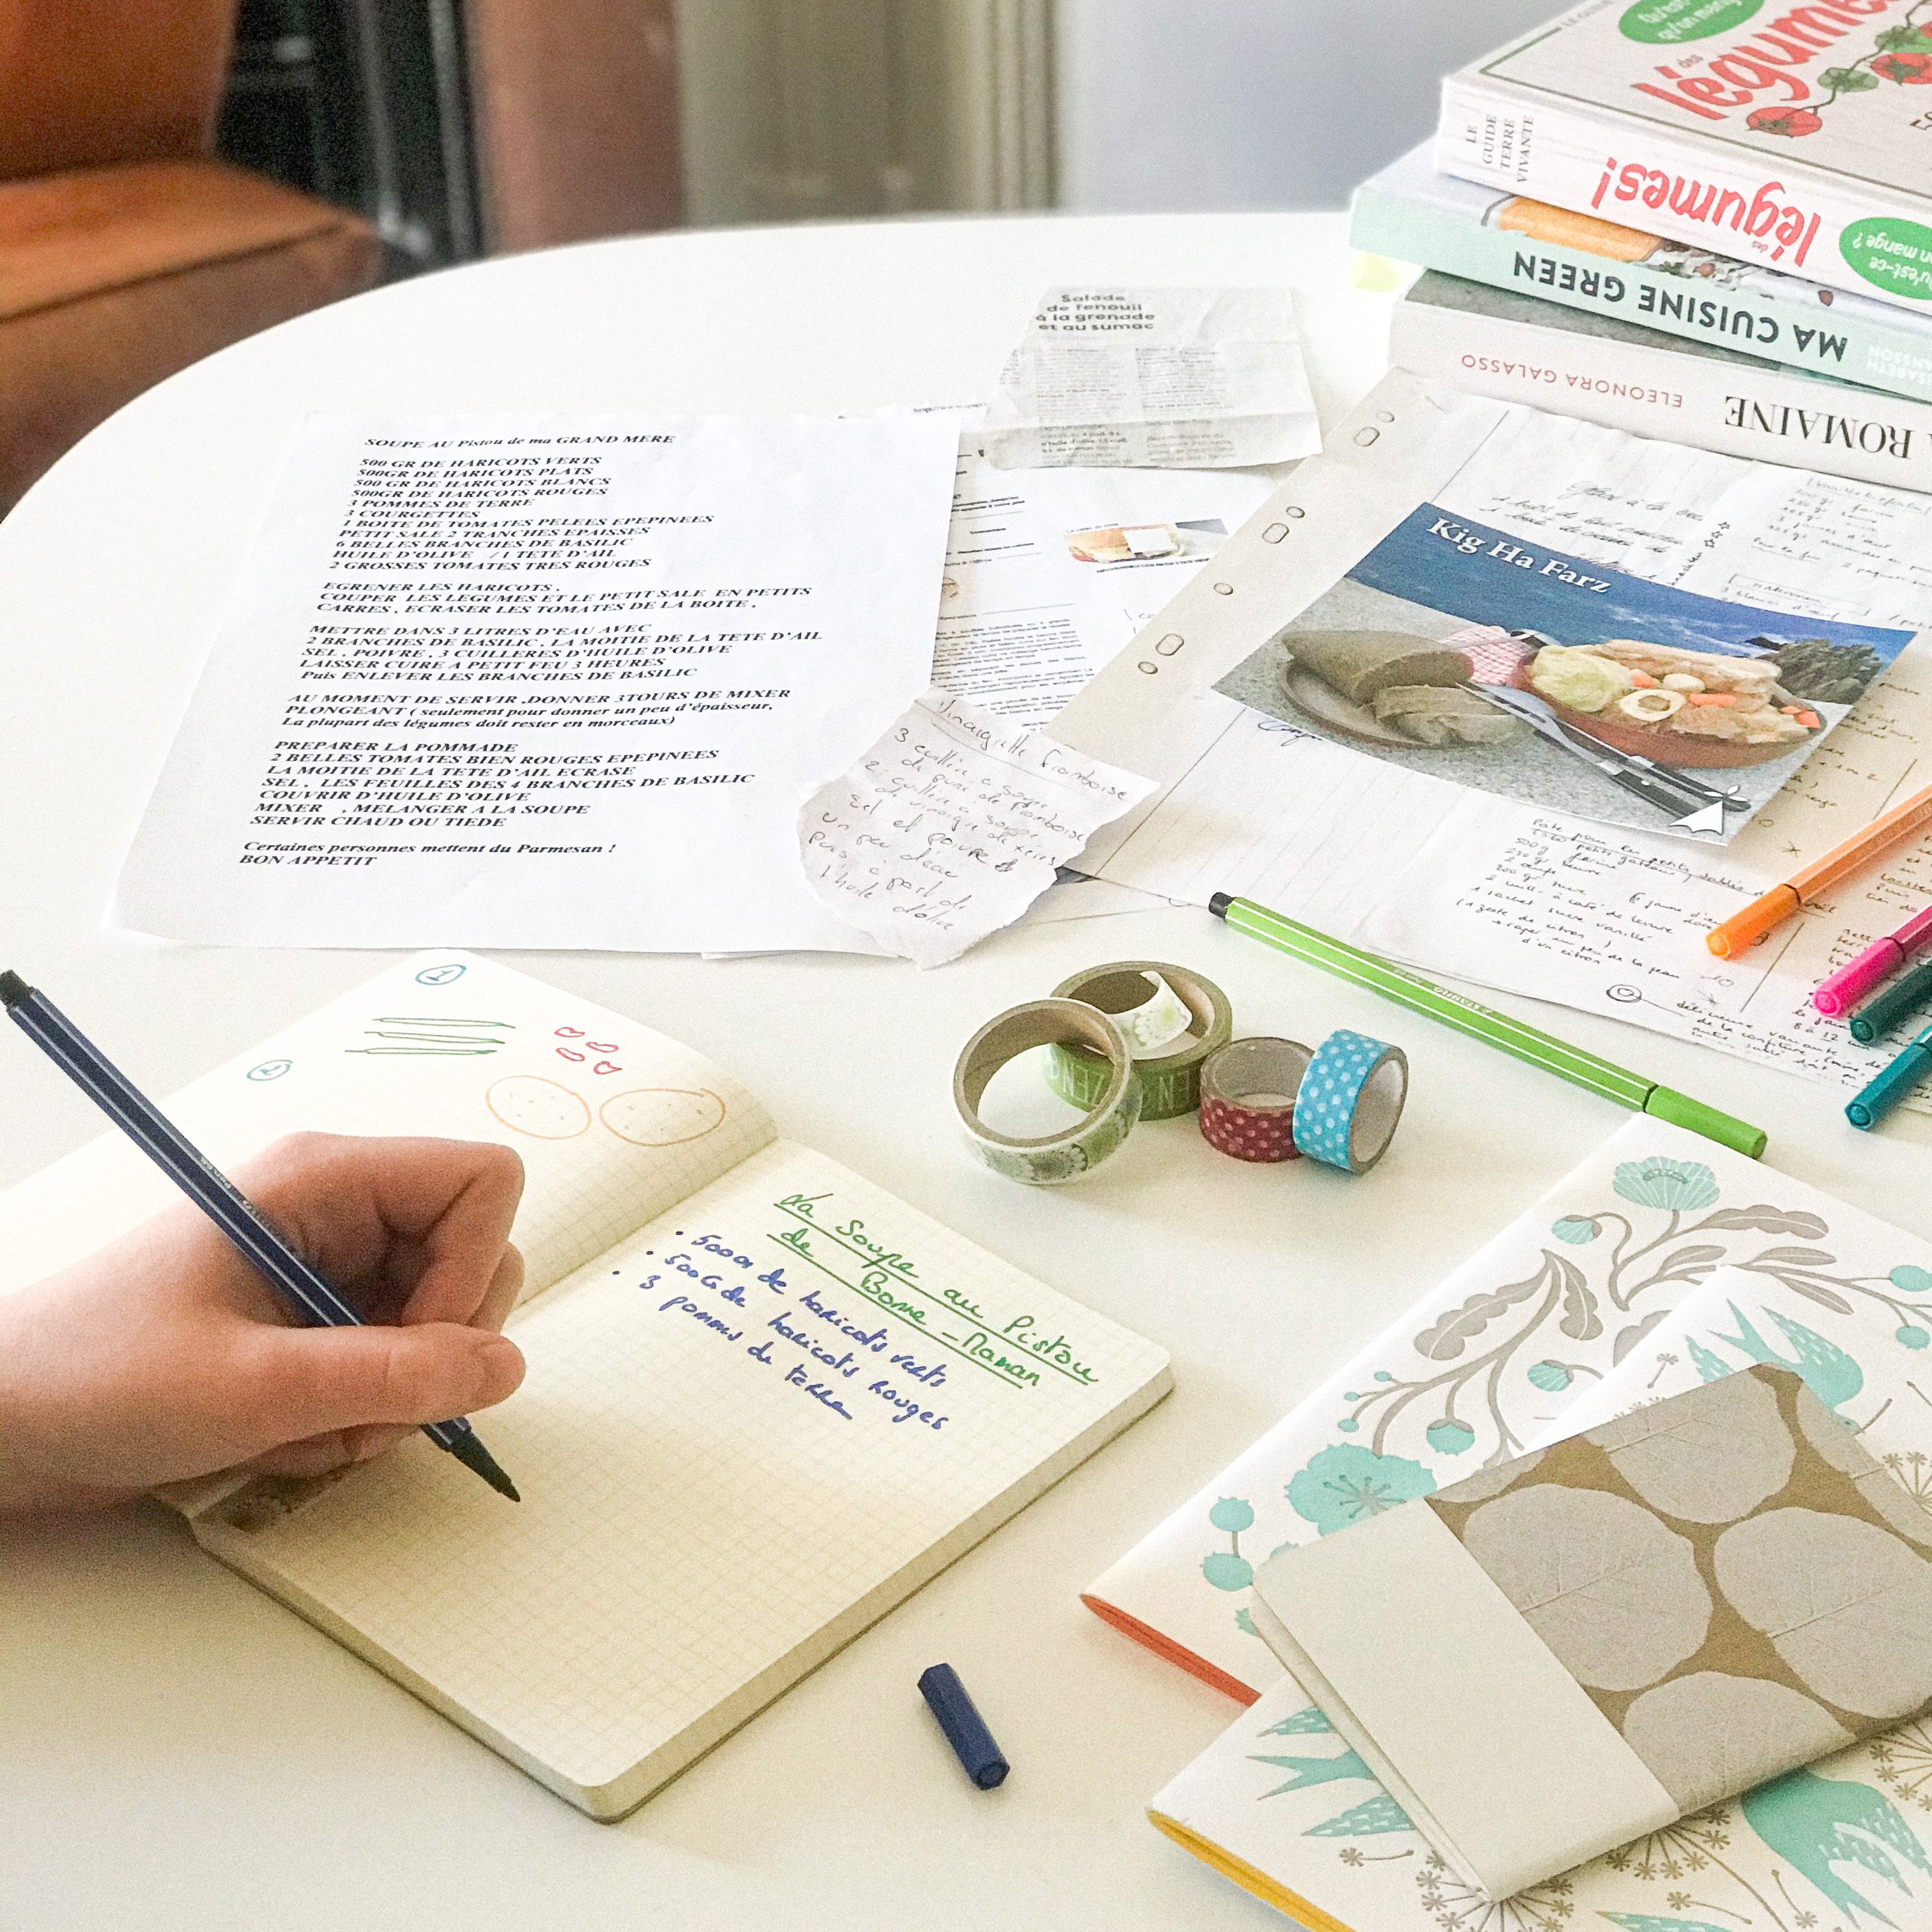 TUTO DÉCO : créez un joli livre de recettes fait maison